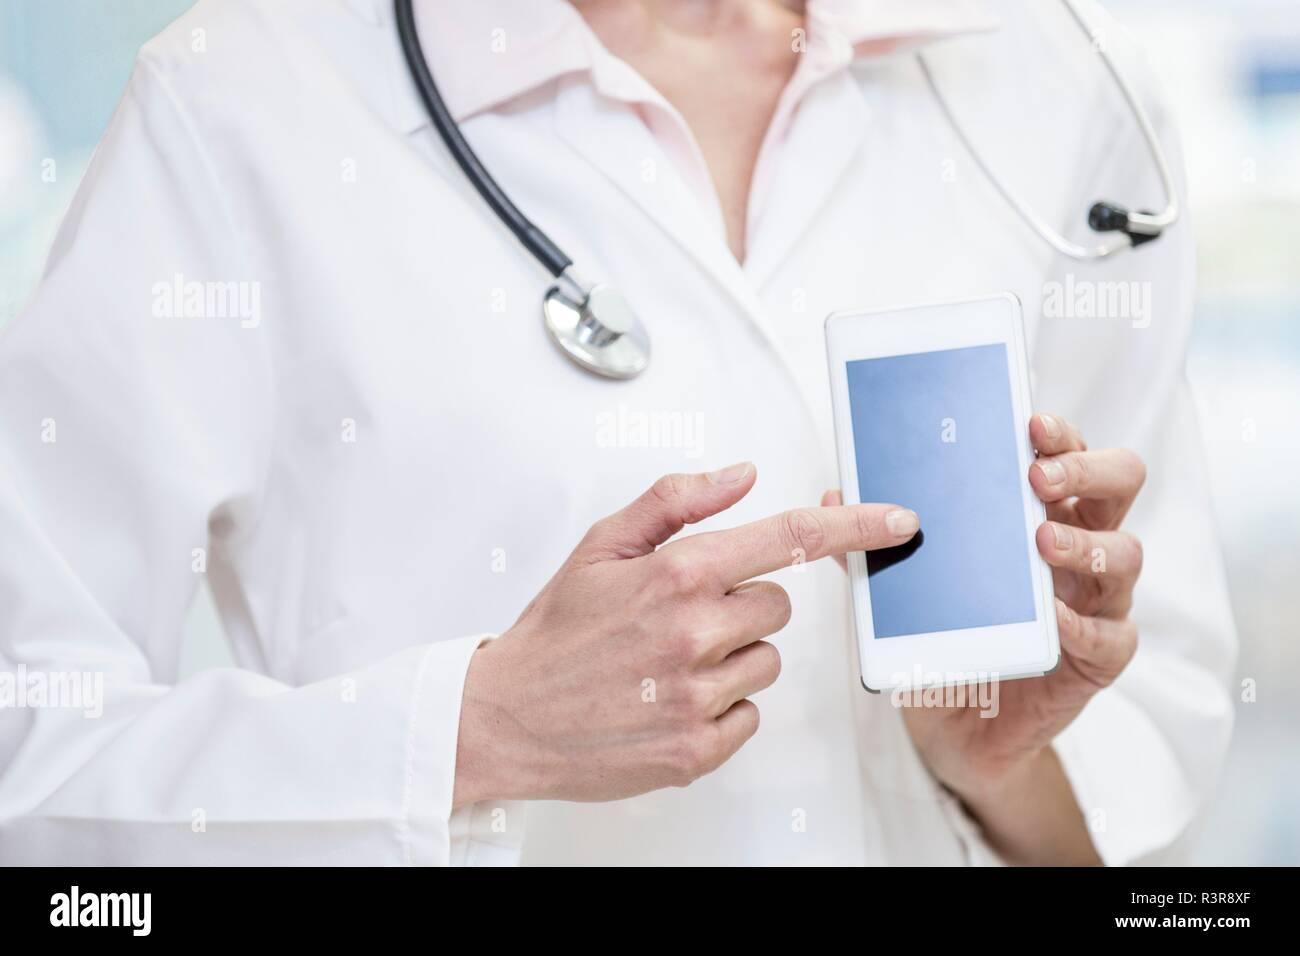 Medico puntando al telefono cellulare schermo. Immagini Stock